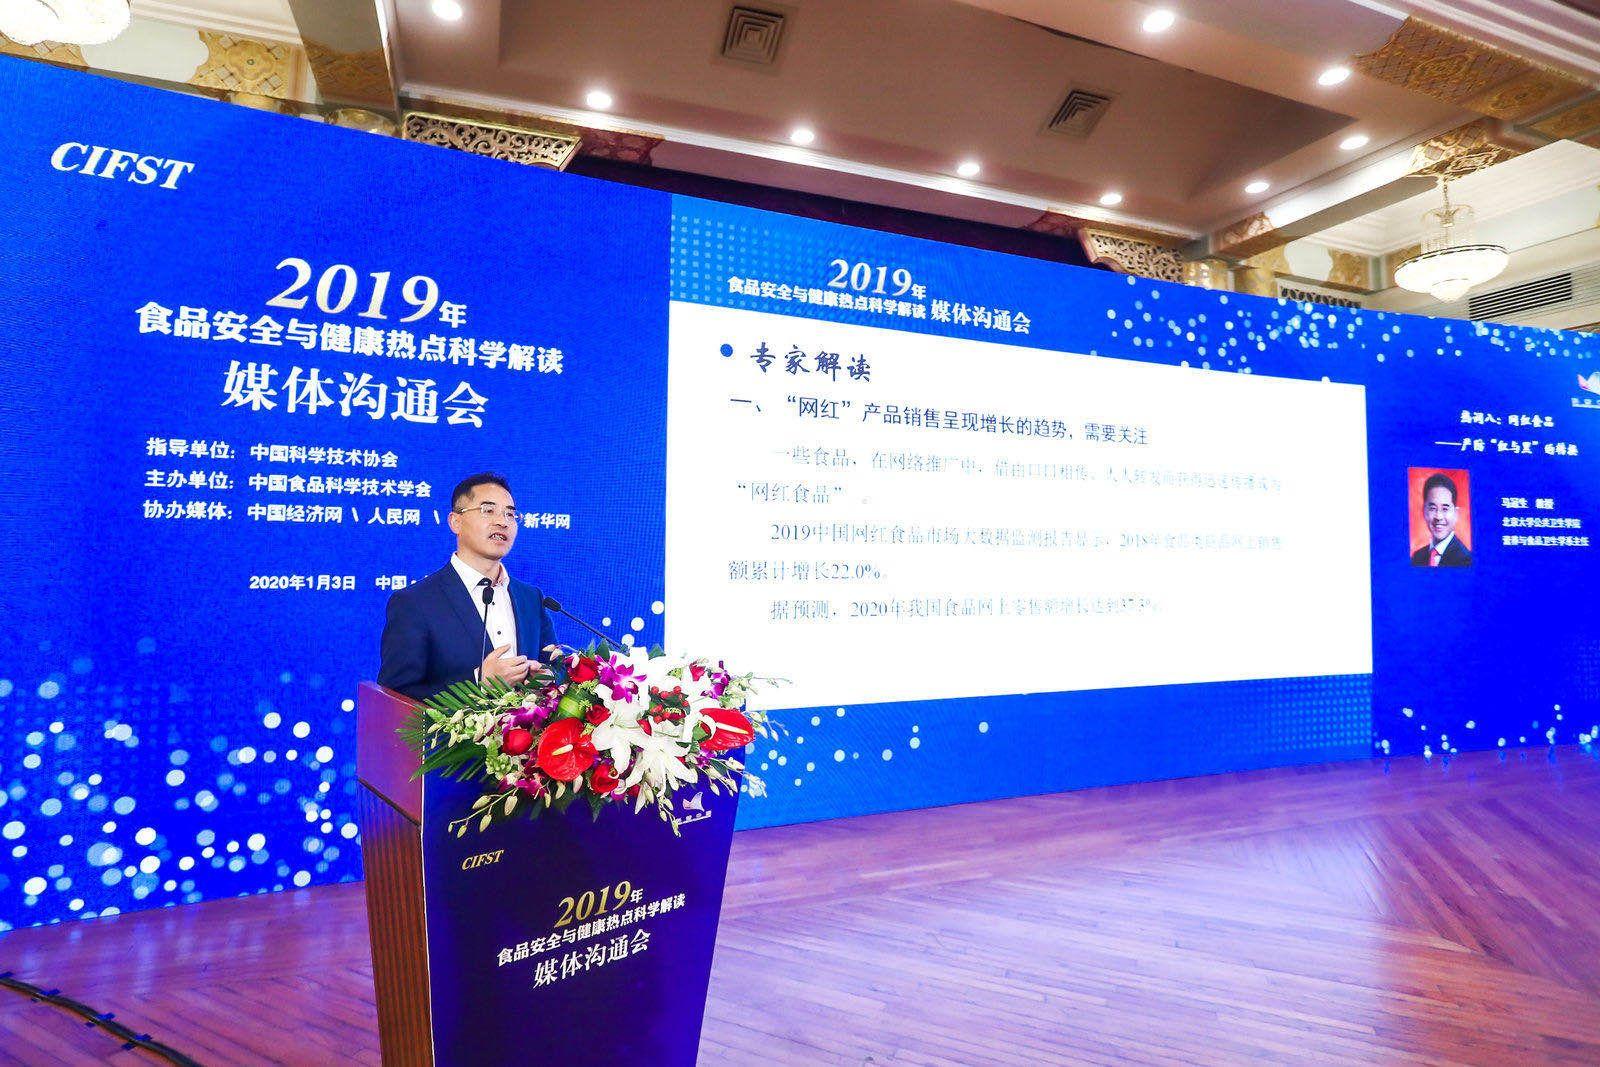 北京大学马冠生:网络平台应承担起网红食品筛选监理责任图片